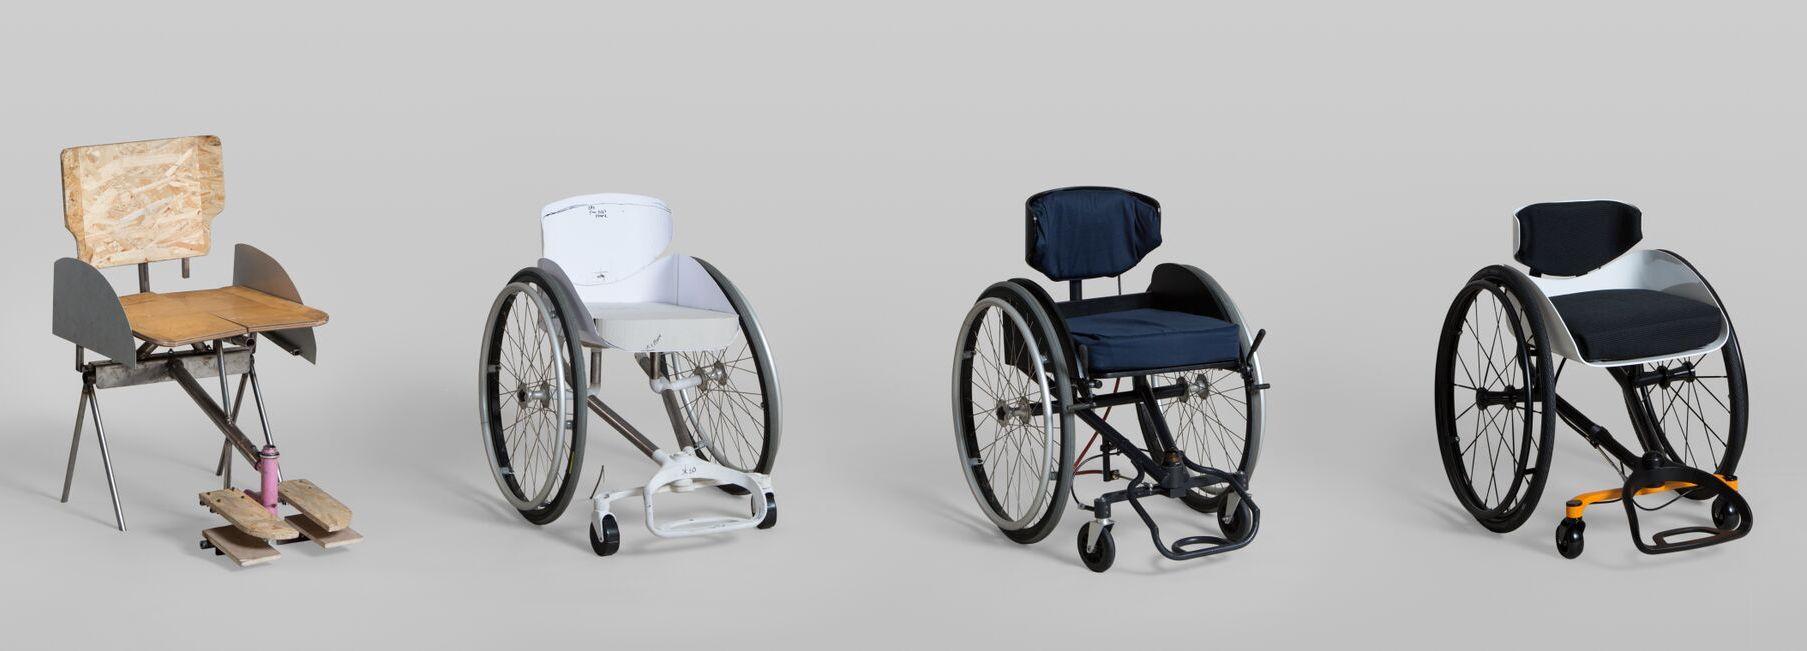 Postupný vývoj vozíku The Reagiro